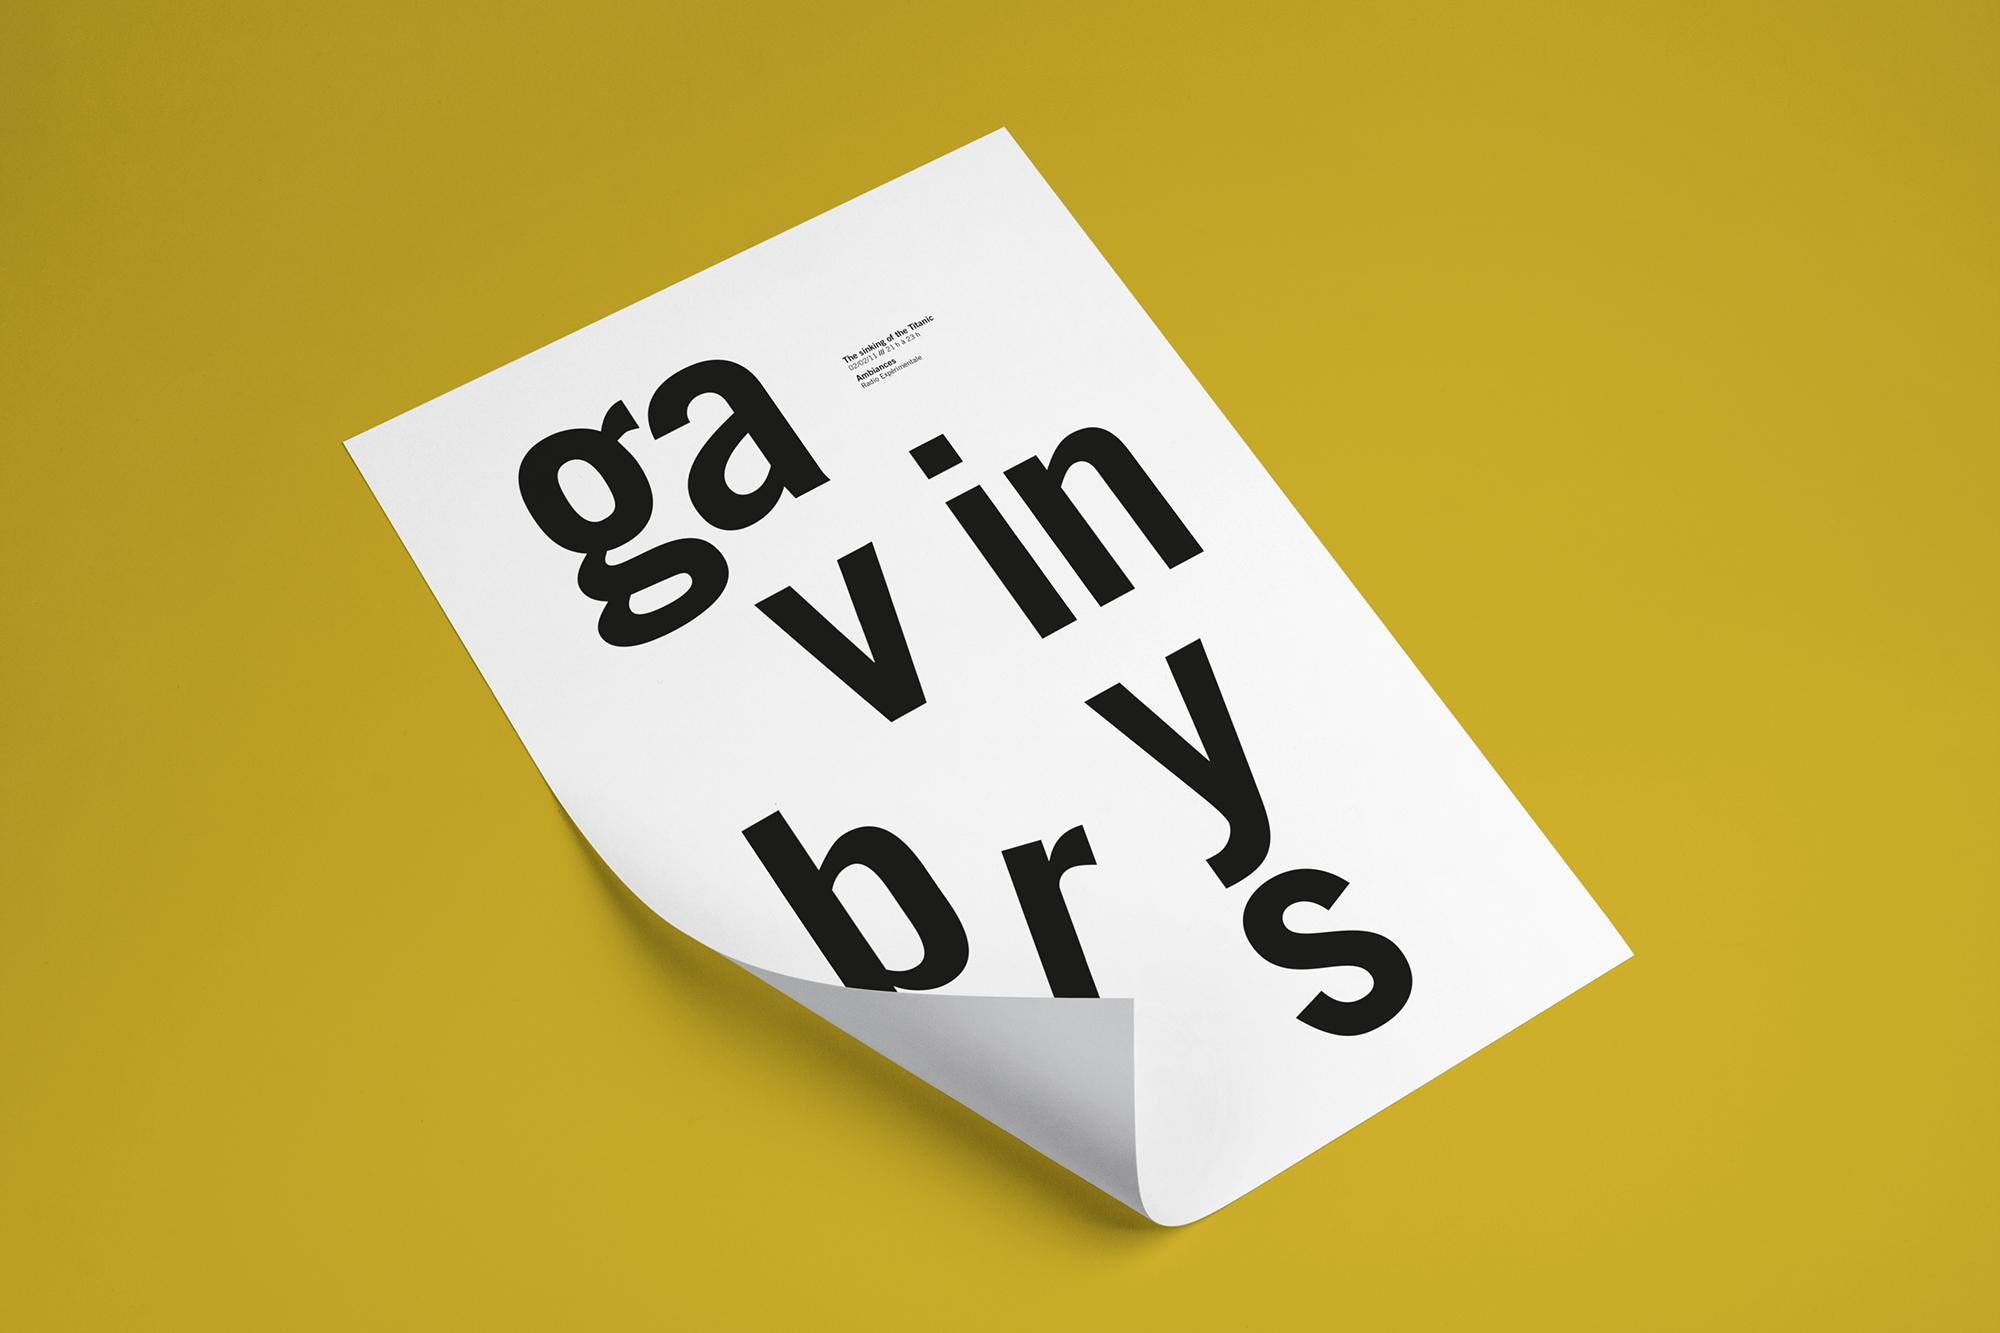 affiche typographique Gavin Bryars